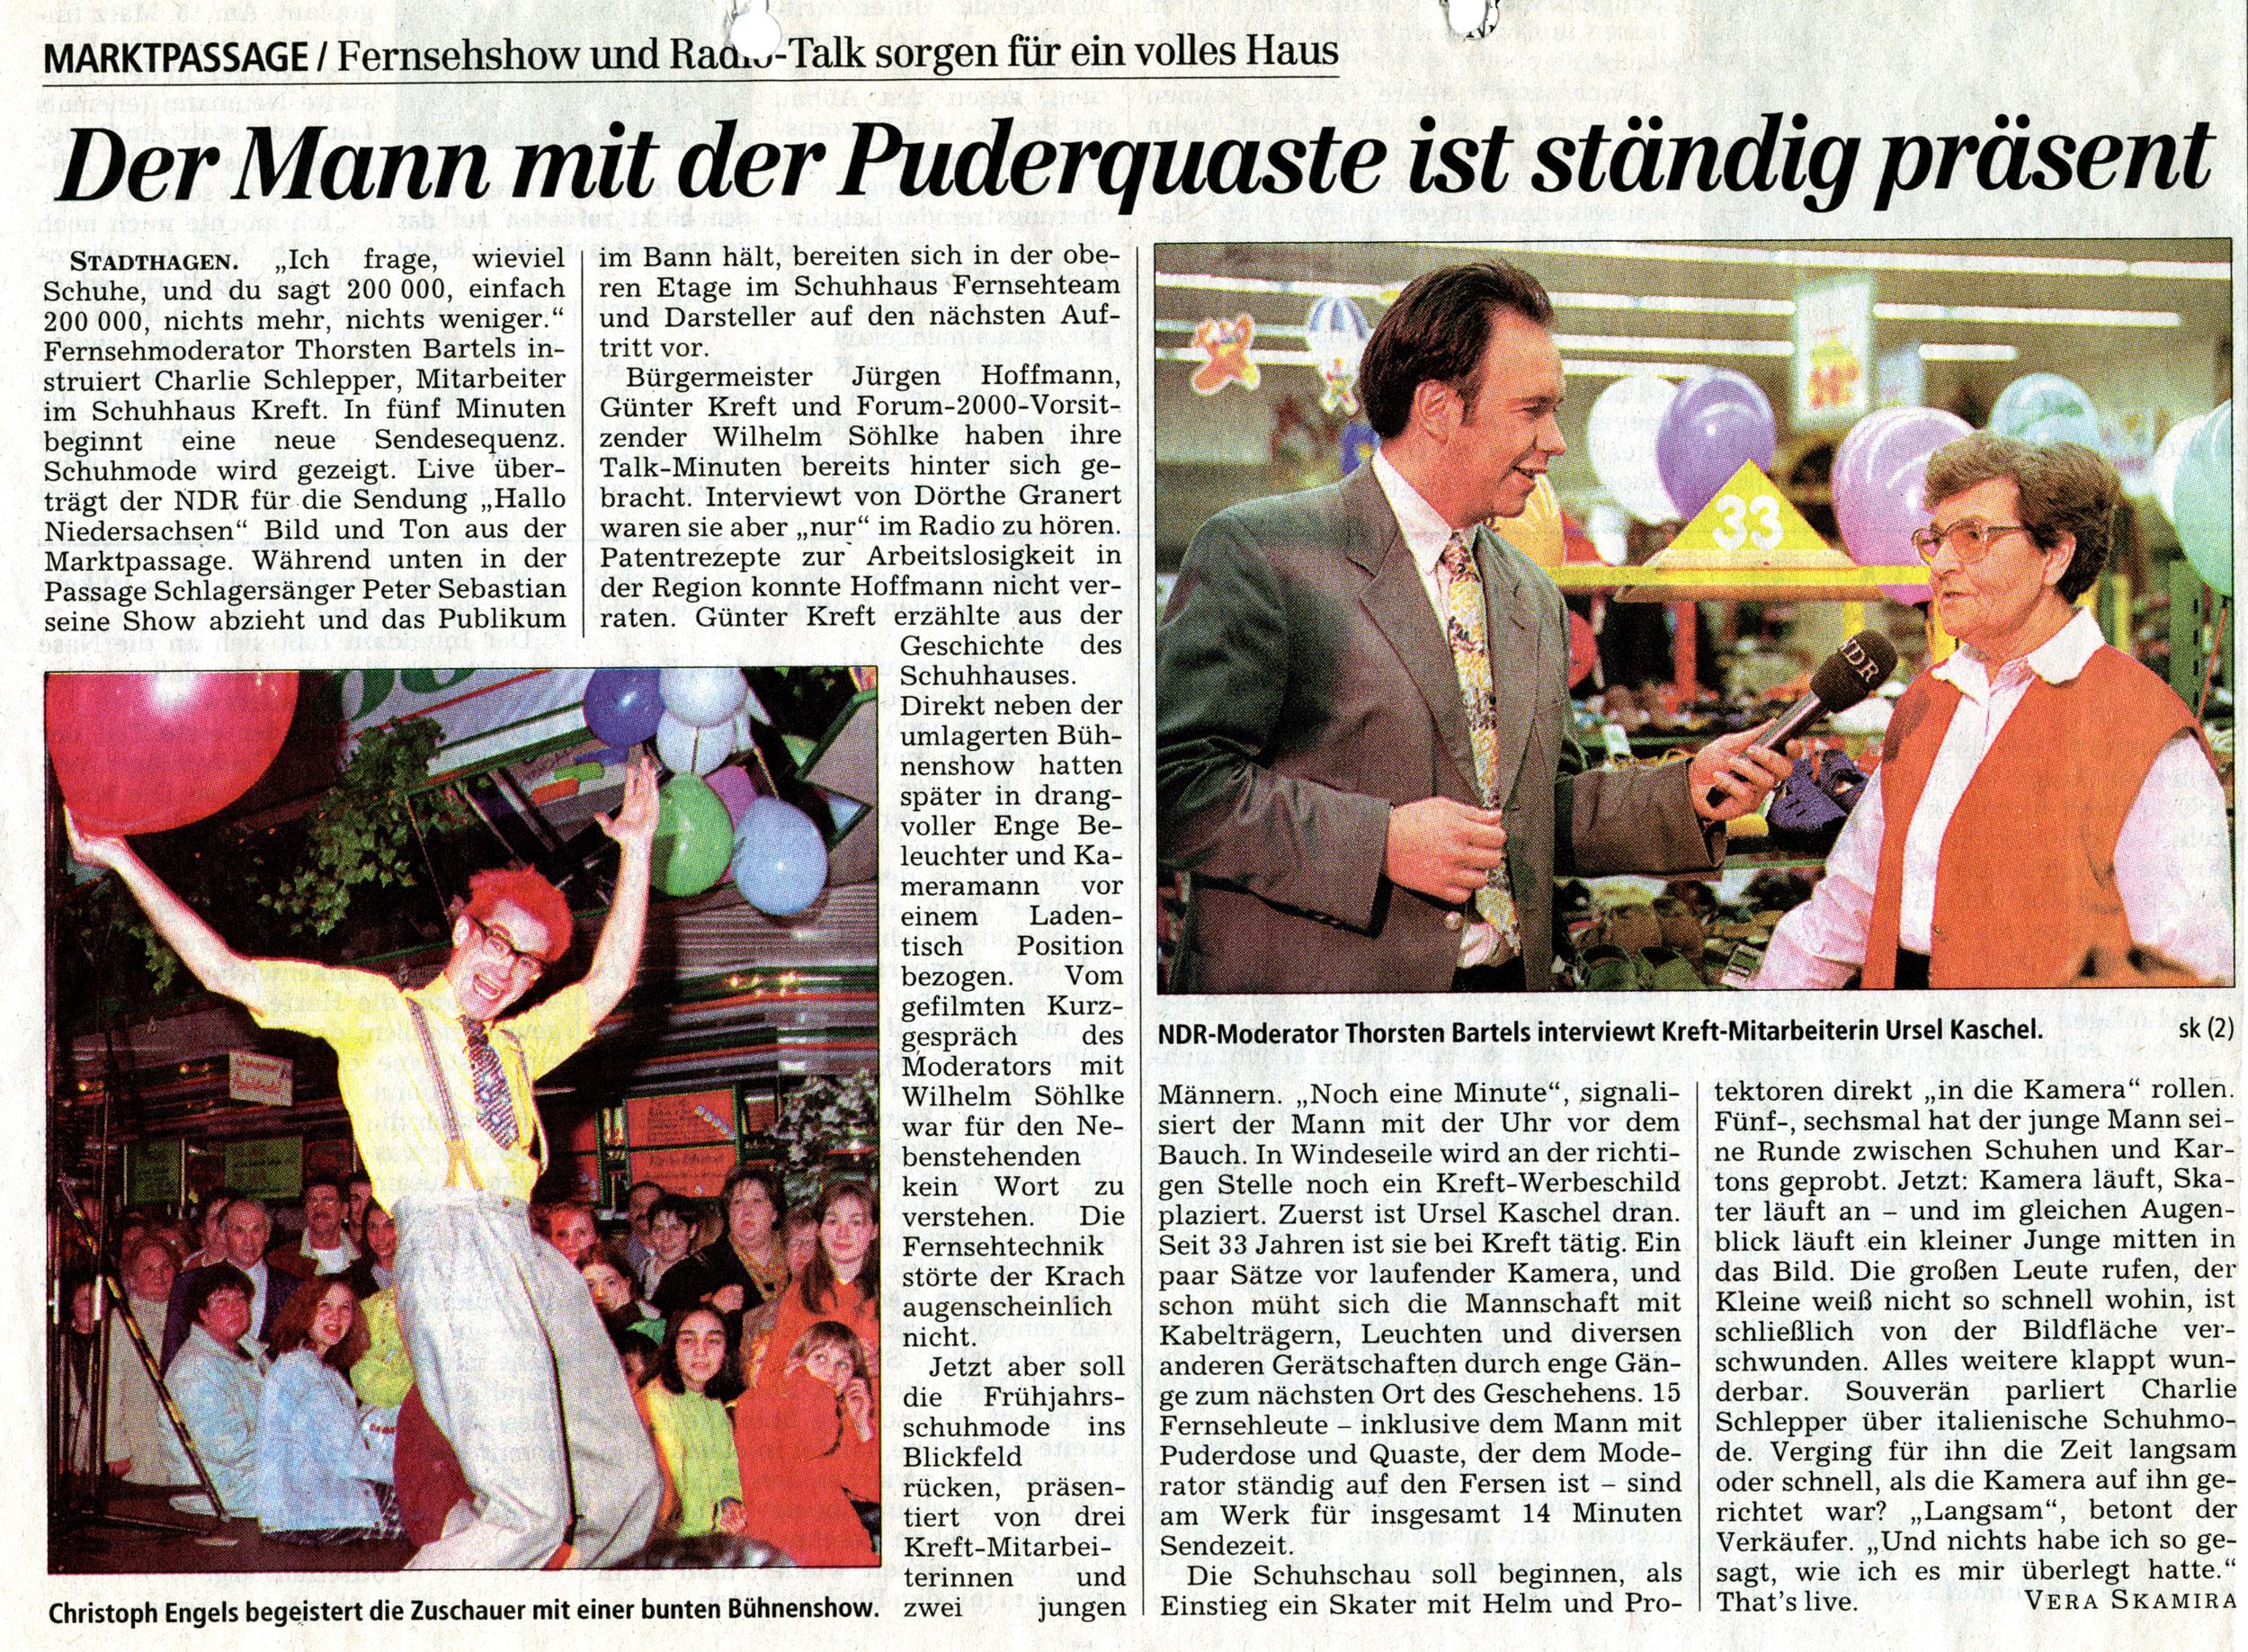 Zeitungsartikel-Der-Mann-mit-der-Puderquaste